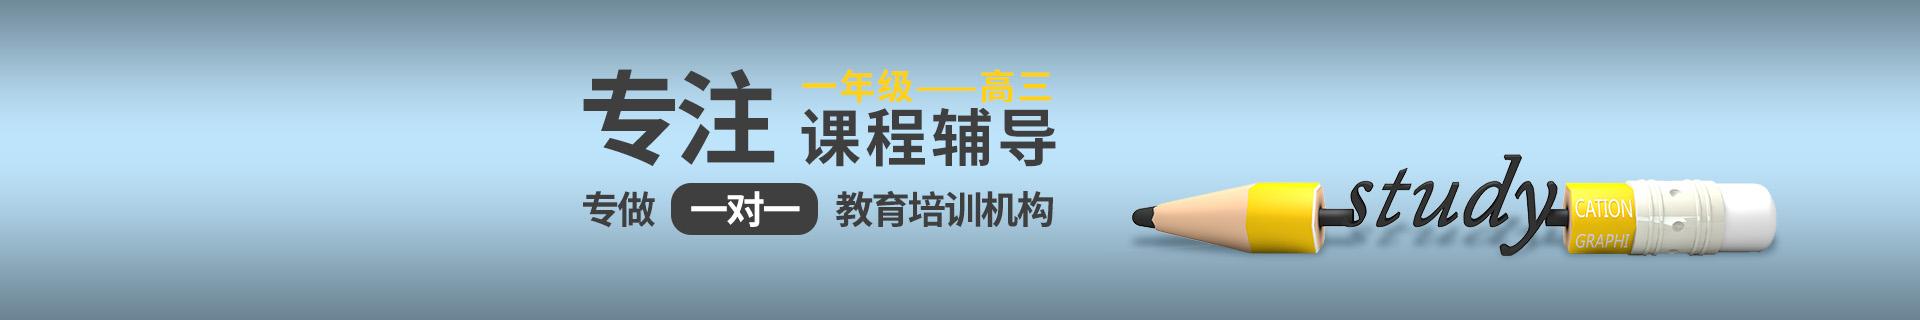 武汉汉阳区尖锋教育中小学补习